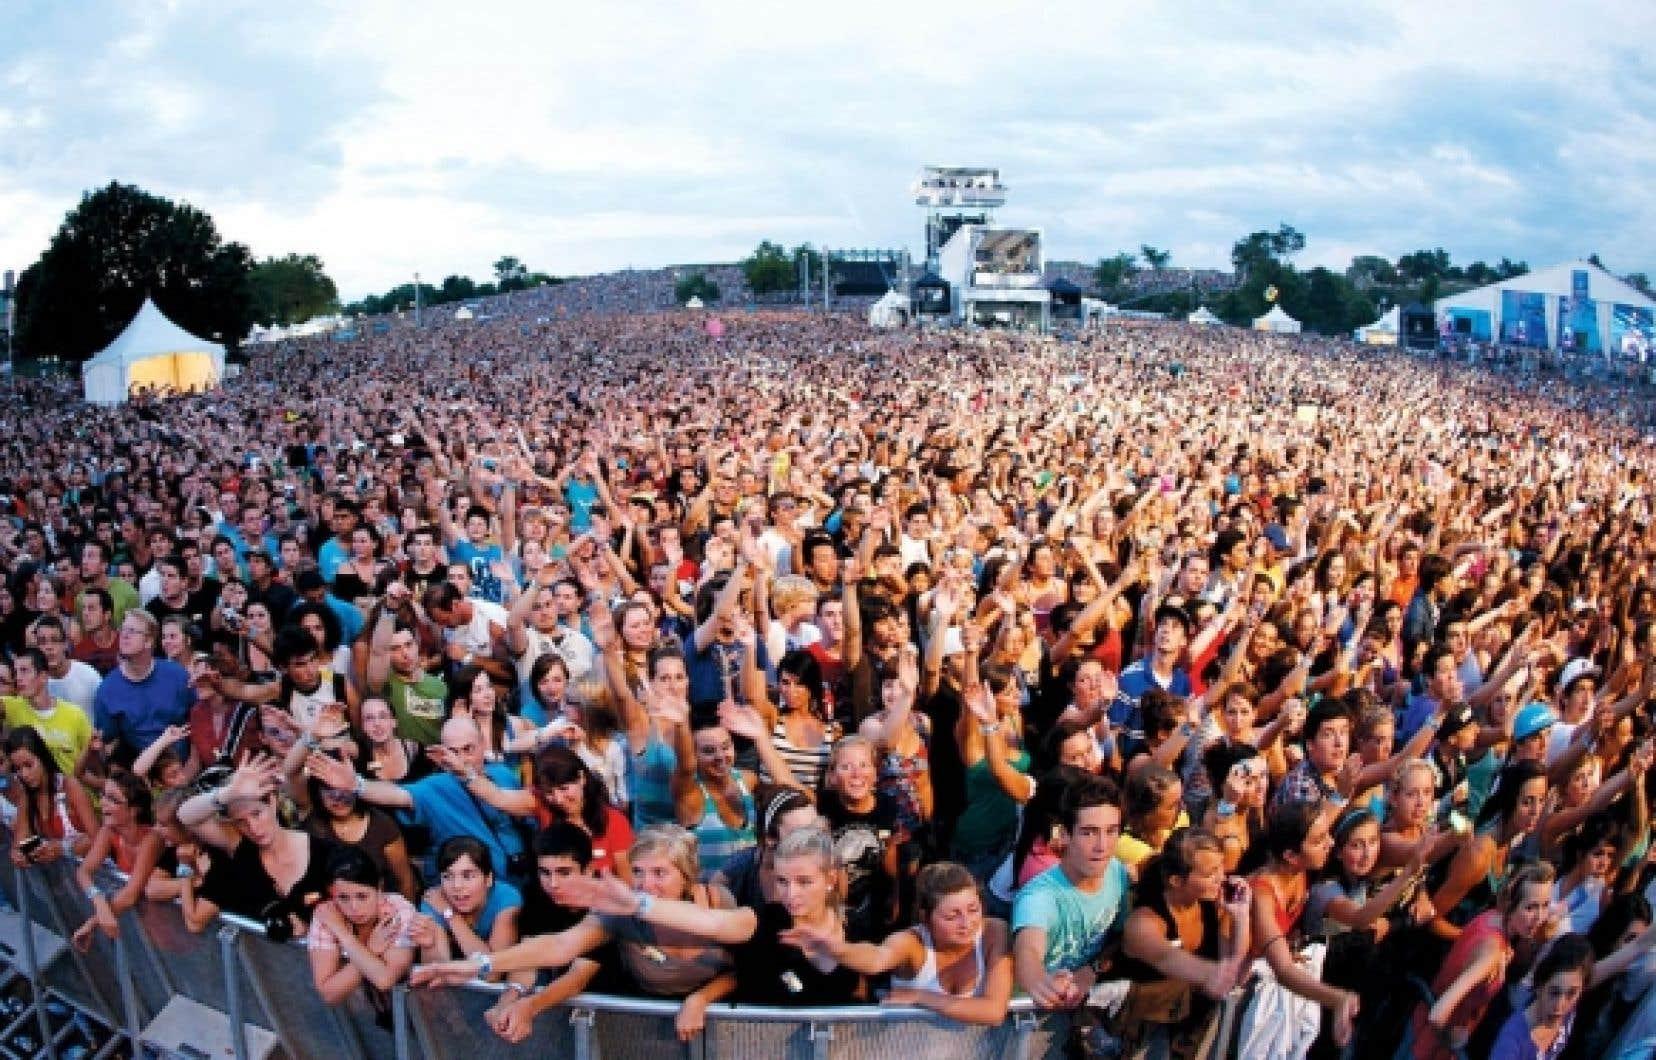 La foule pendant le spectacle des Black Eyed Peas au Festival d'été de Québec